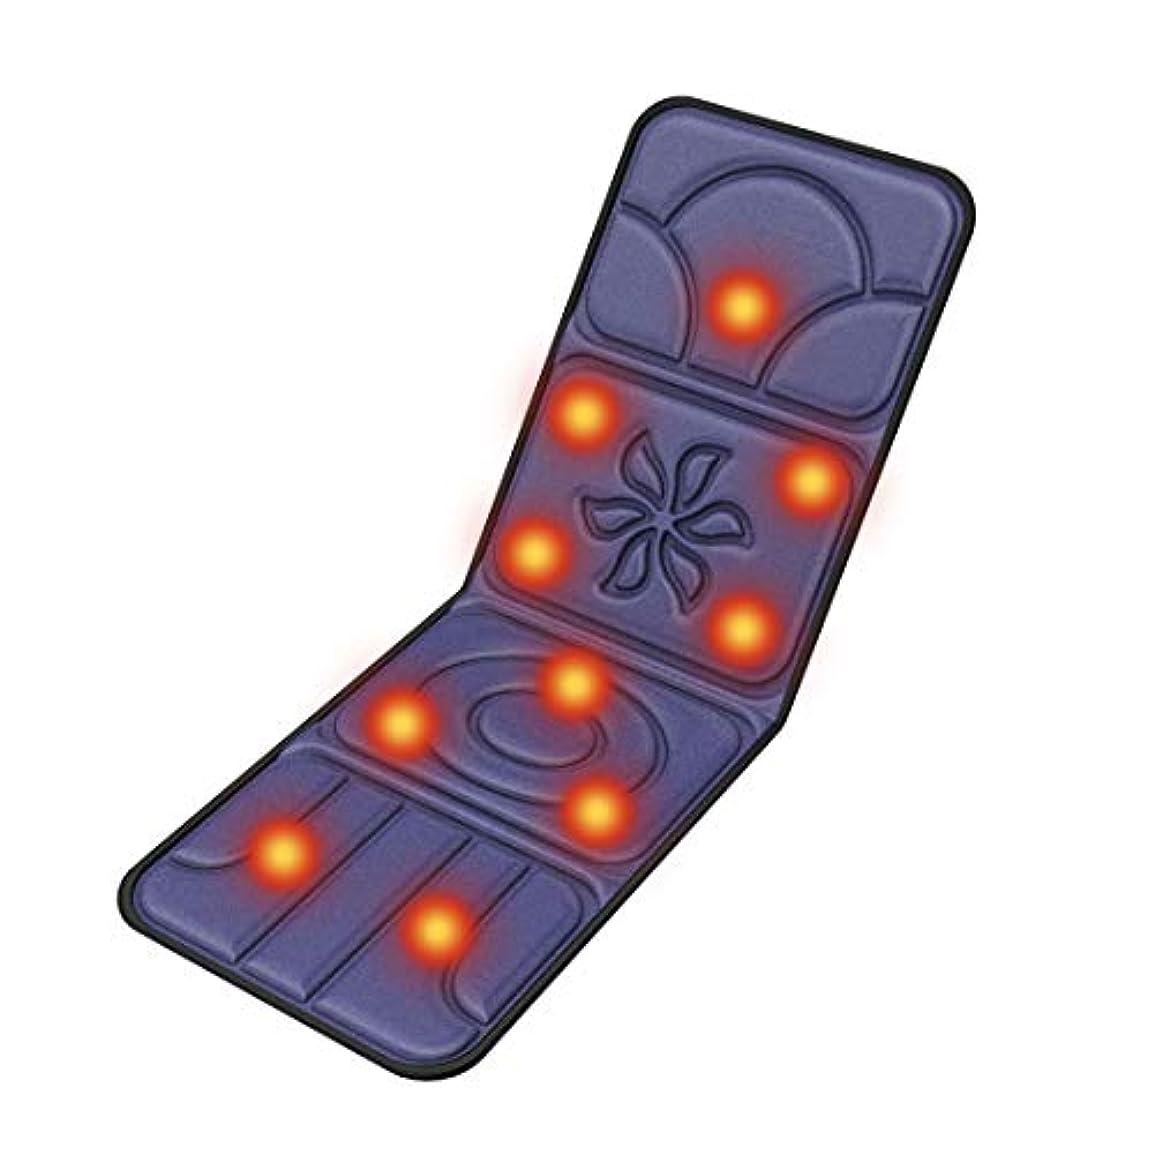 容疑者待つ権利を与えるDOOB マッサージマットレス スリープ折りたたみ床 マッサージ機 マッサージ クッション シート マットレス チェア 電動 パッド 10つのもみ玉